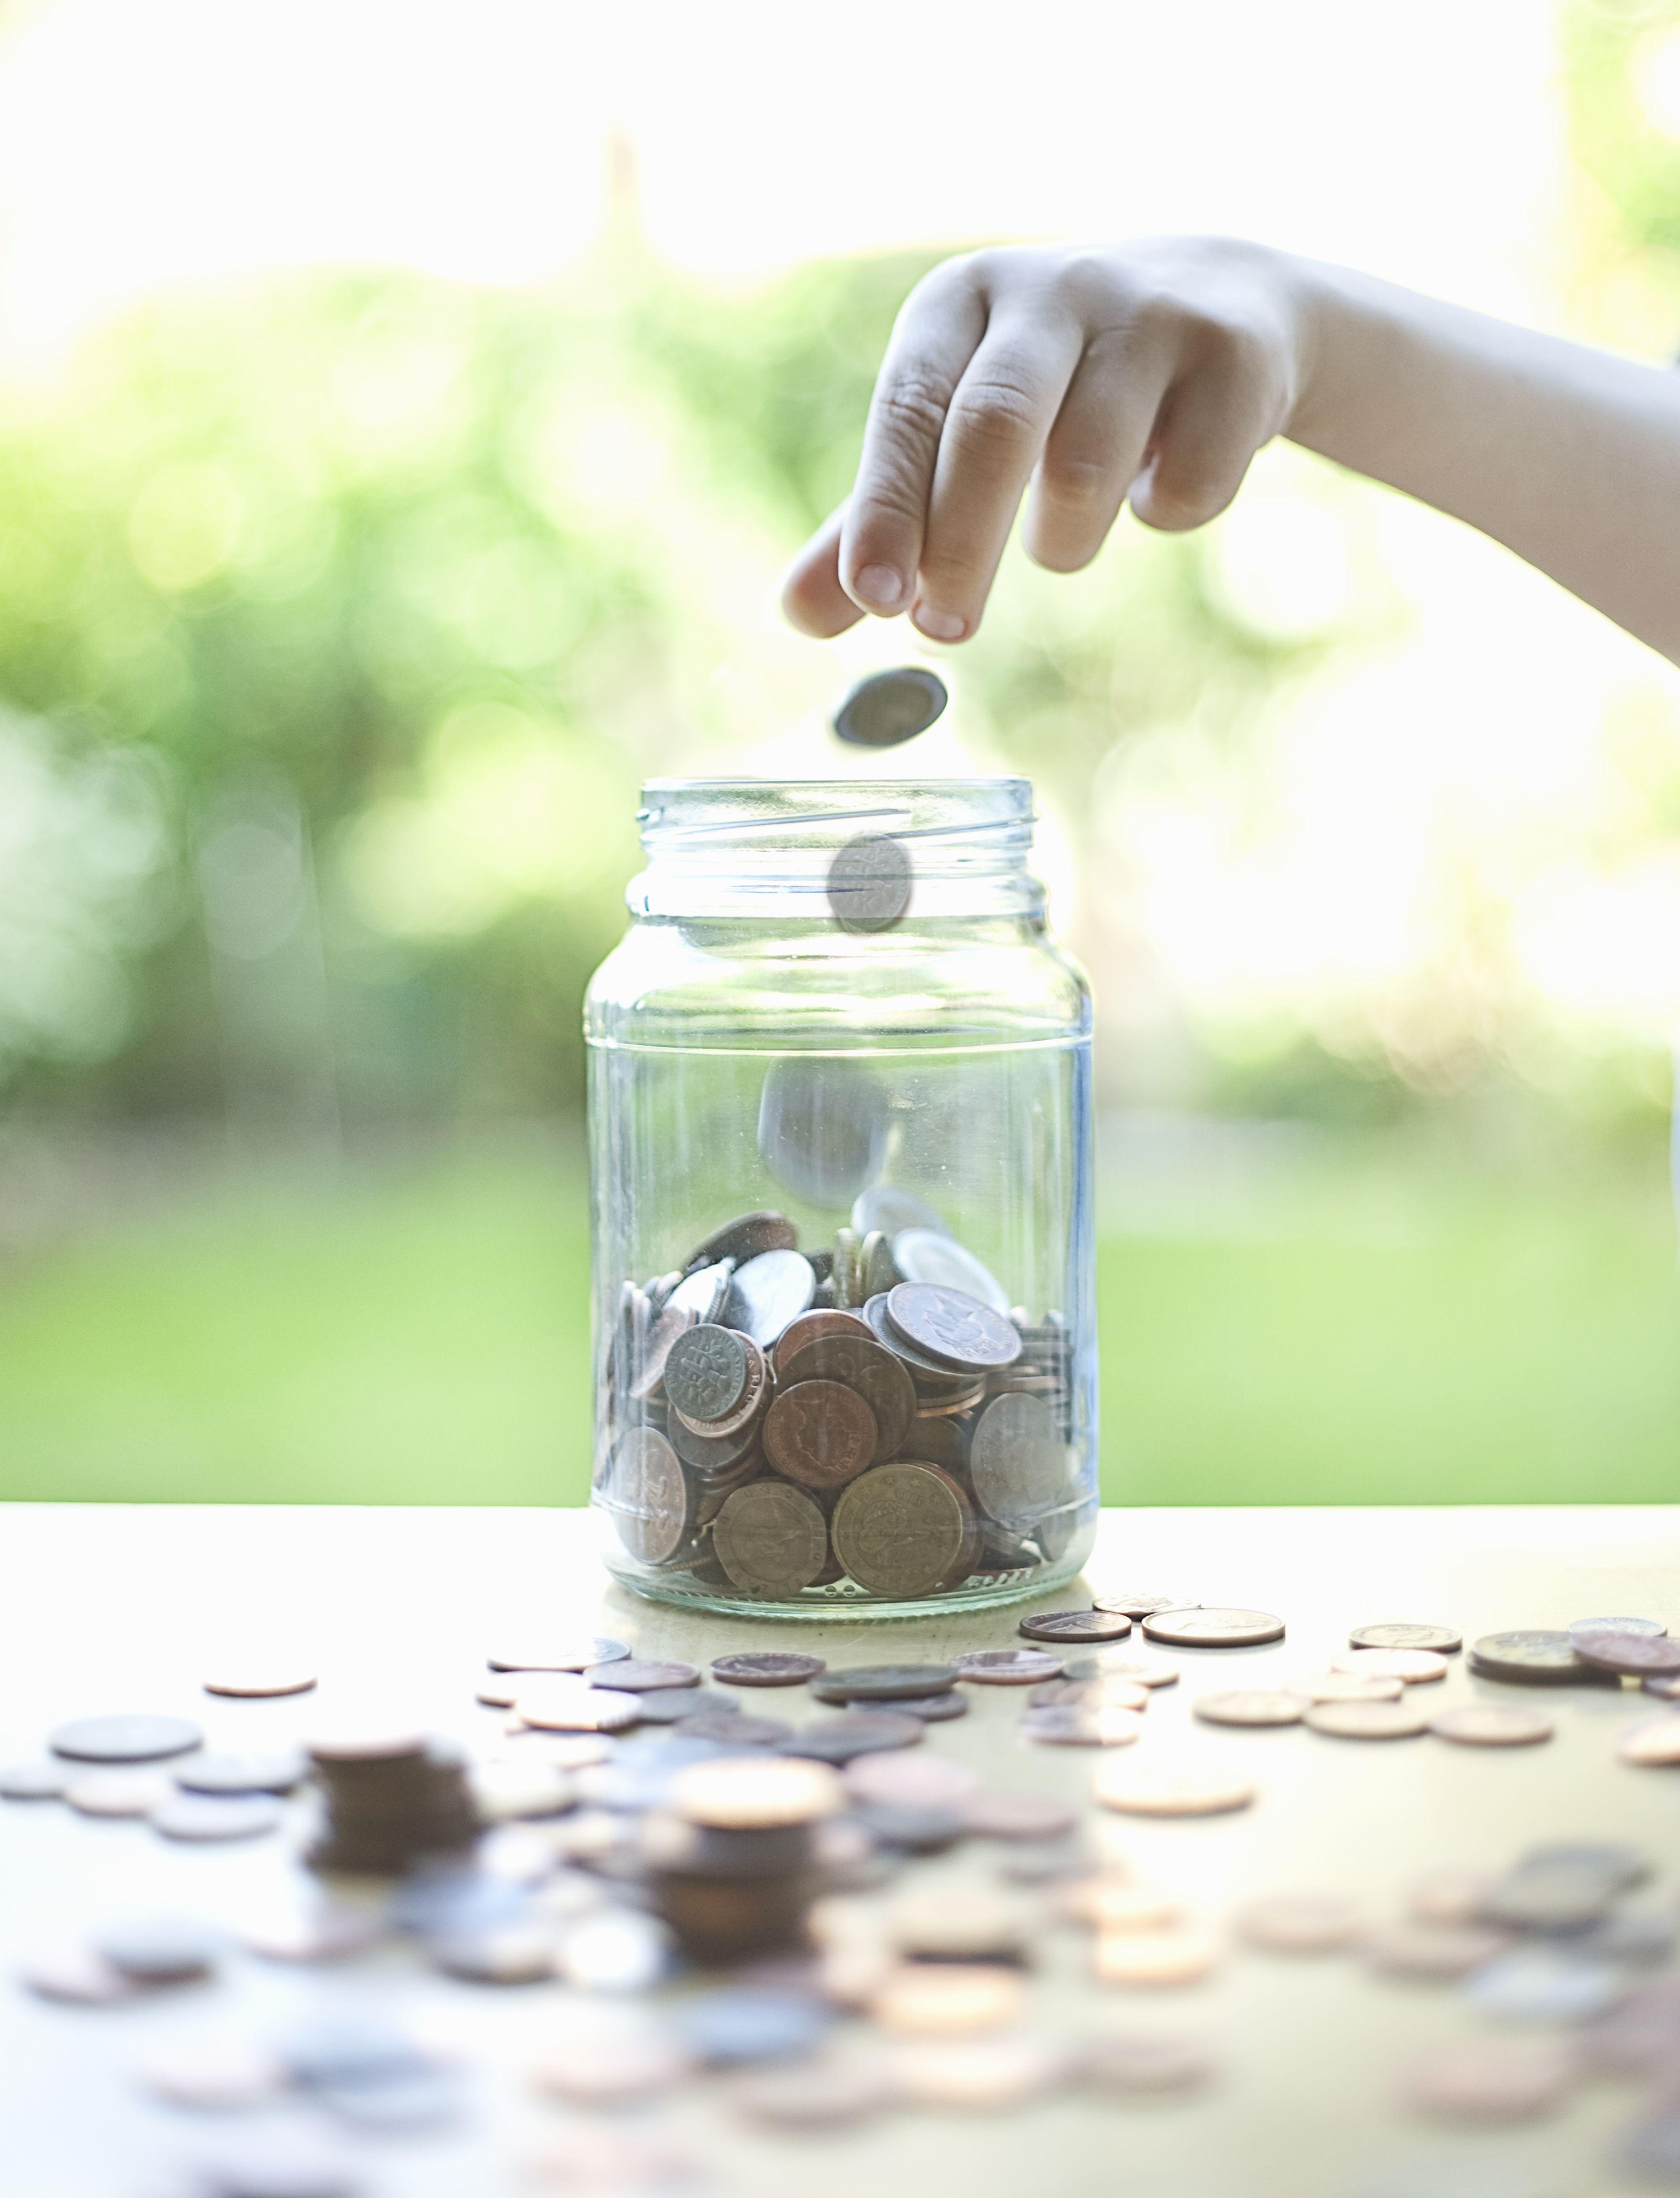 連載第4回 なぜかお金が貯まる習慣100万円の節約怒涛の節約テクニック35連発